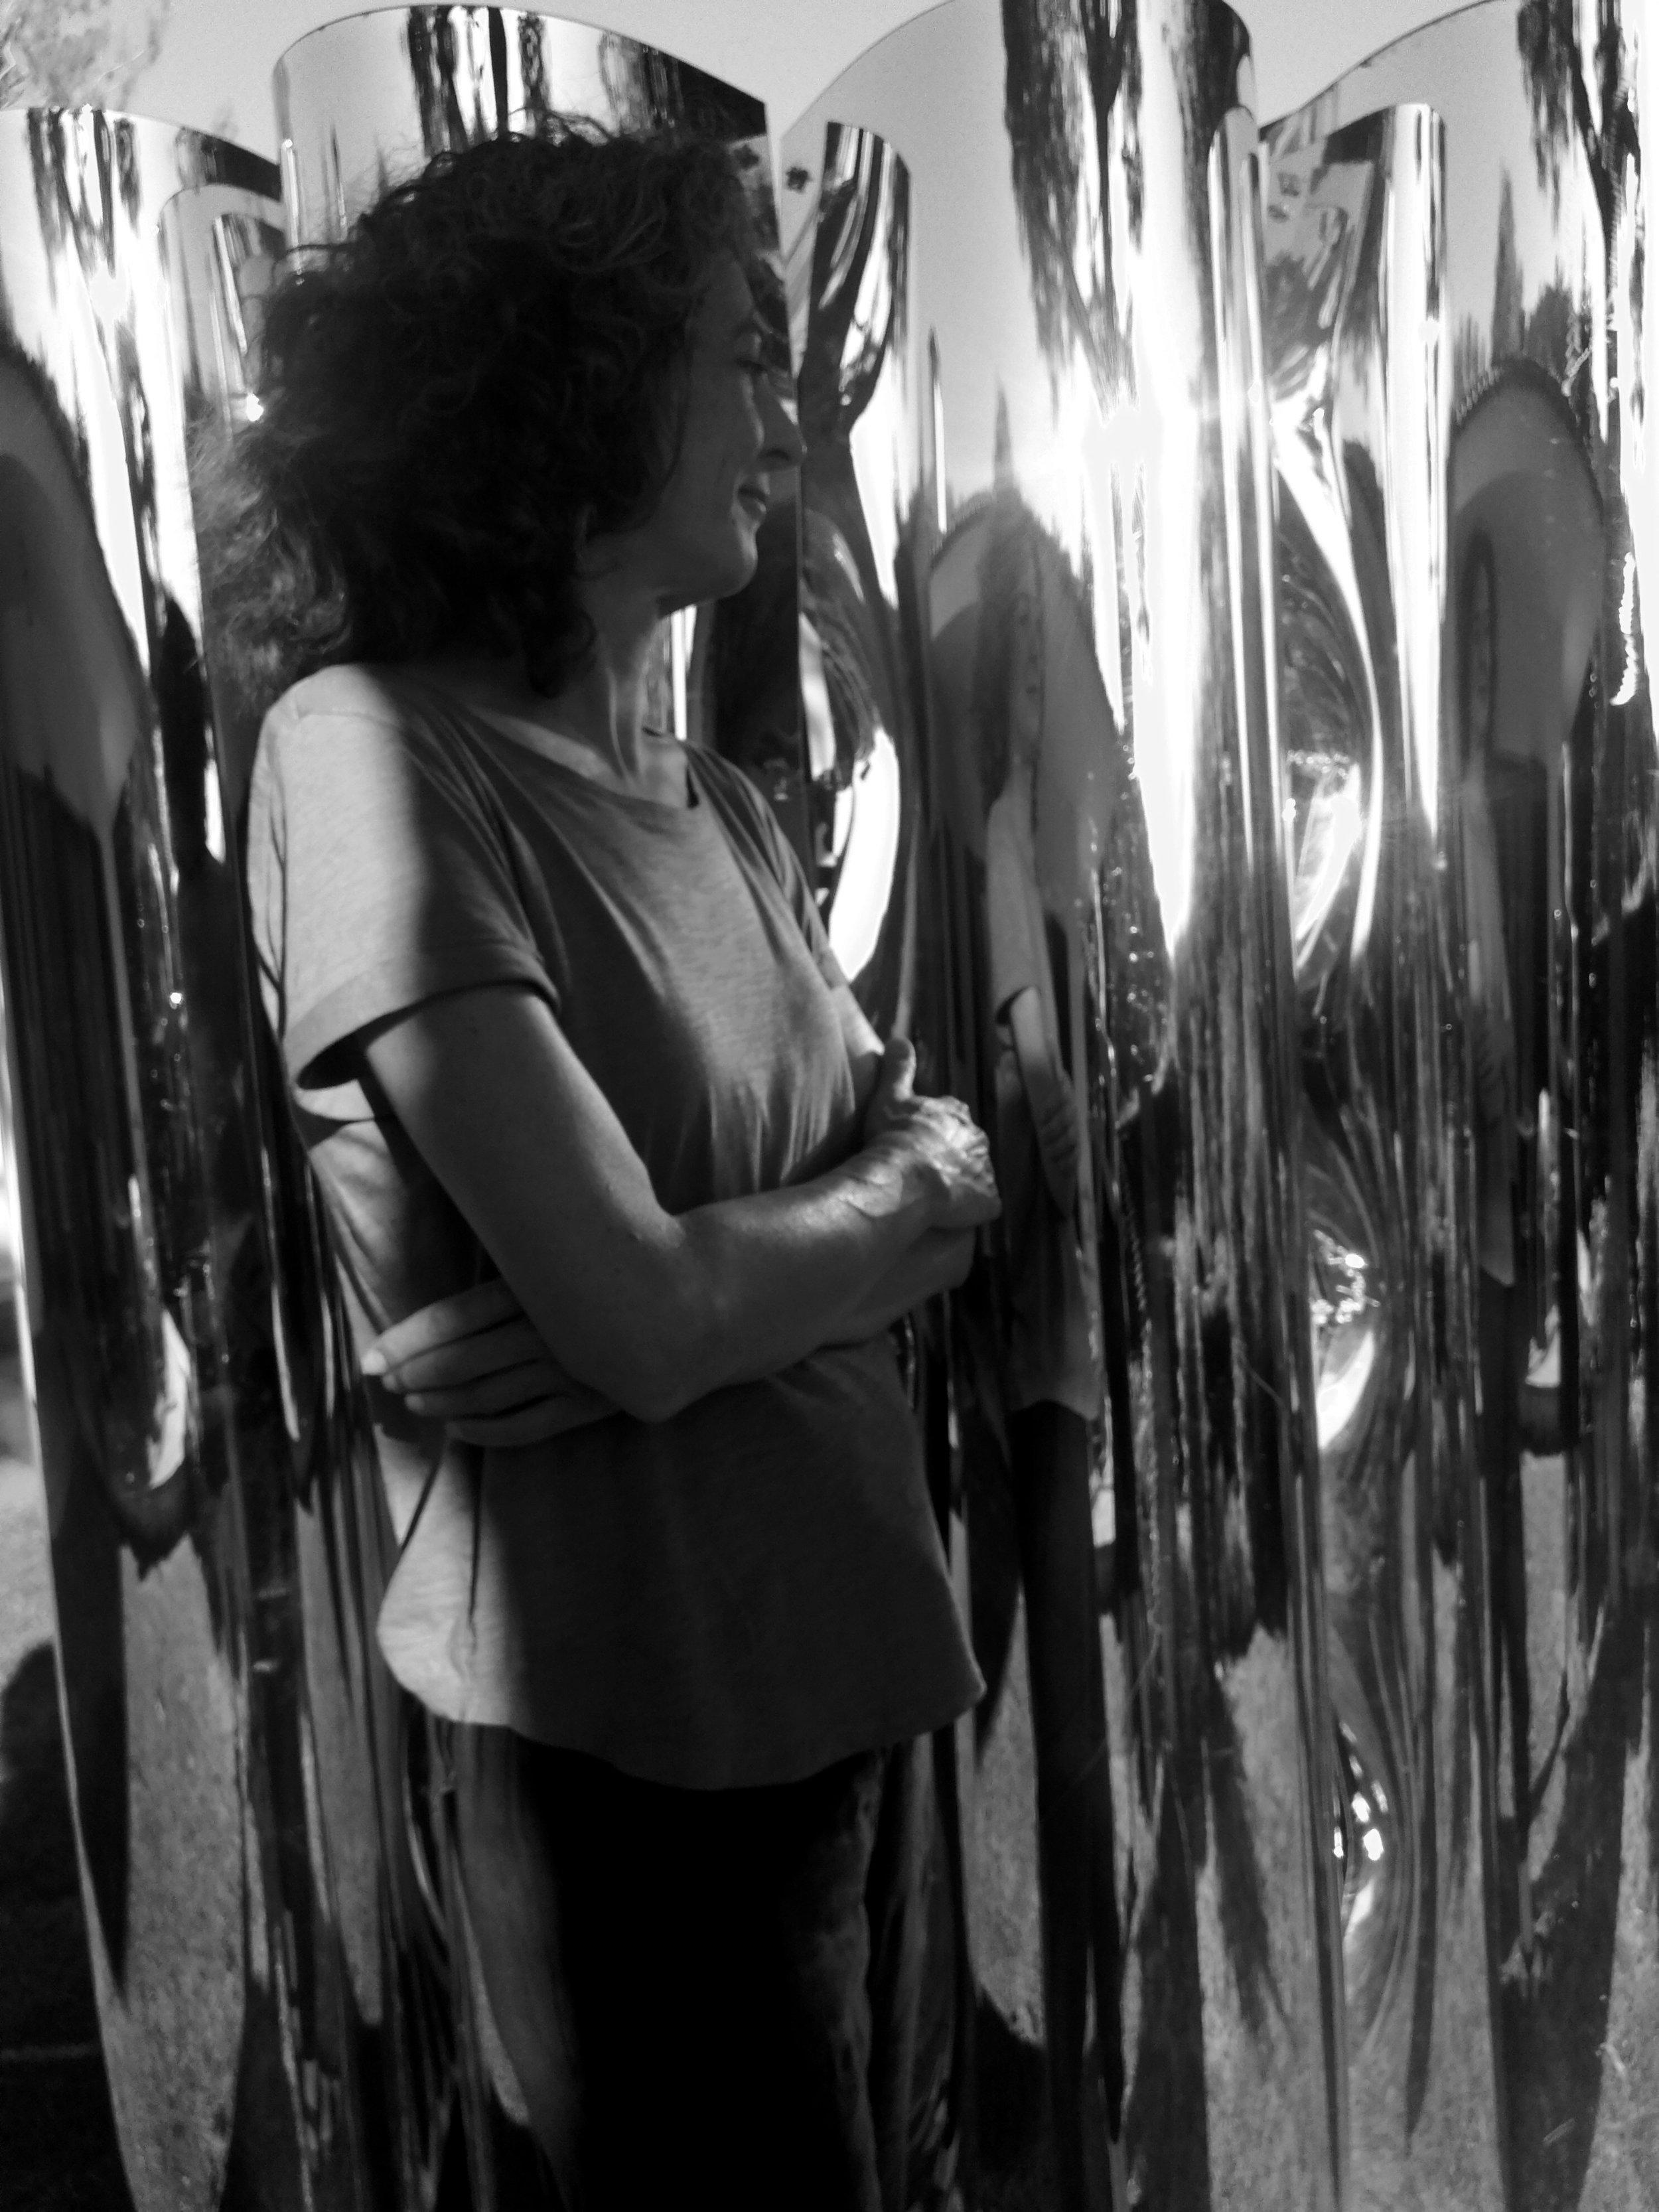 """Laura Martorell     Indagar sobre la apariencia, la percepción o la construcción de la realidad sería el eje común que entronca todo mi trabajo hasta ahora. A veces rompiendo, deshaciendo, deformando o alterando las ilusiones ópticas que representan esta realidad.    He participado en """"eBent 05"""" Festival Internacional de Performance de Barcelona. En la exposición """"Containment"""" en el Aberystwyth Arts Centre (2009). En la sala """"La Futura"""" de Barcelona con la exposición """"Exogen/Endogen"""" (2015), en la sala Glaum con la exposición """"Estela"""" (2017) o en la propuesta artística """"Inherents"""" entorno el interior de la iglesia de Sant Joan de la plaza de la Virreina de Barcelona.     Más sobre Laura:    www.facebook.com/laura.martorell.313"""